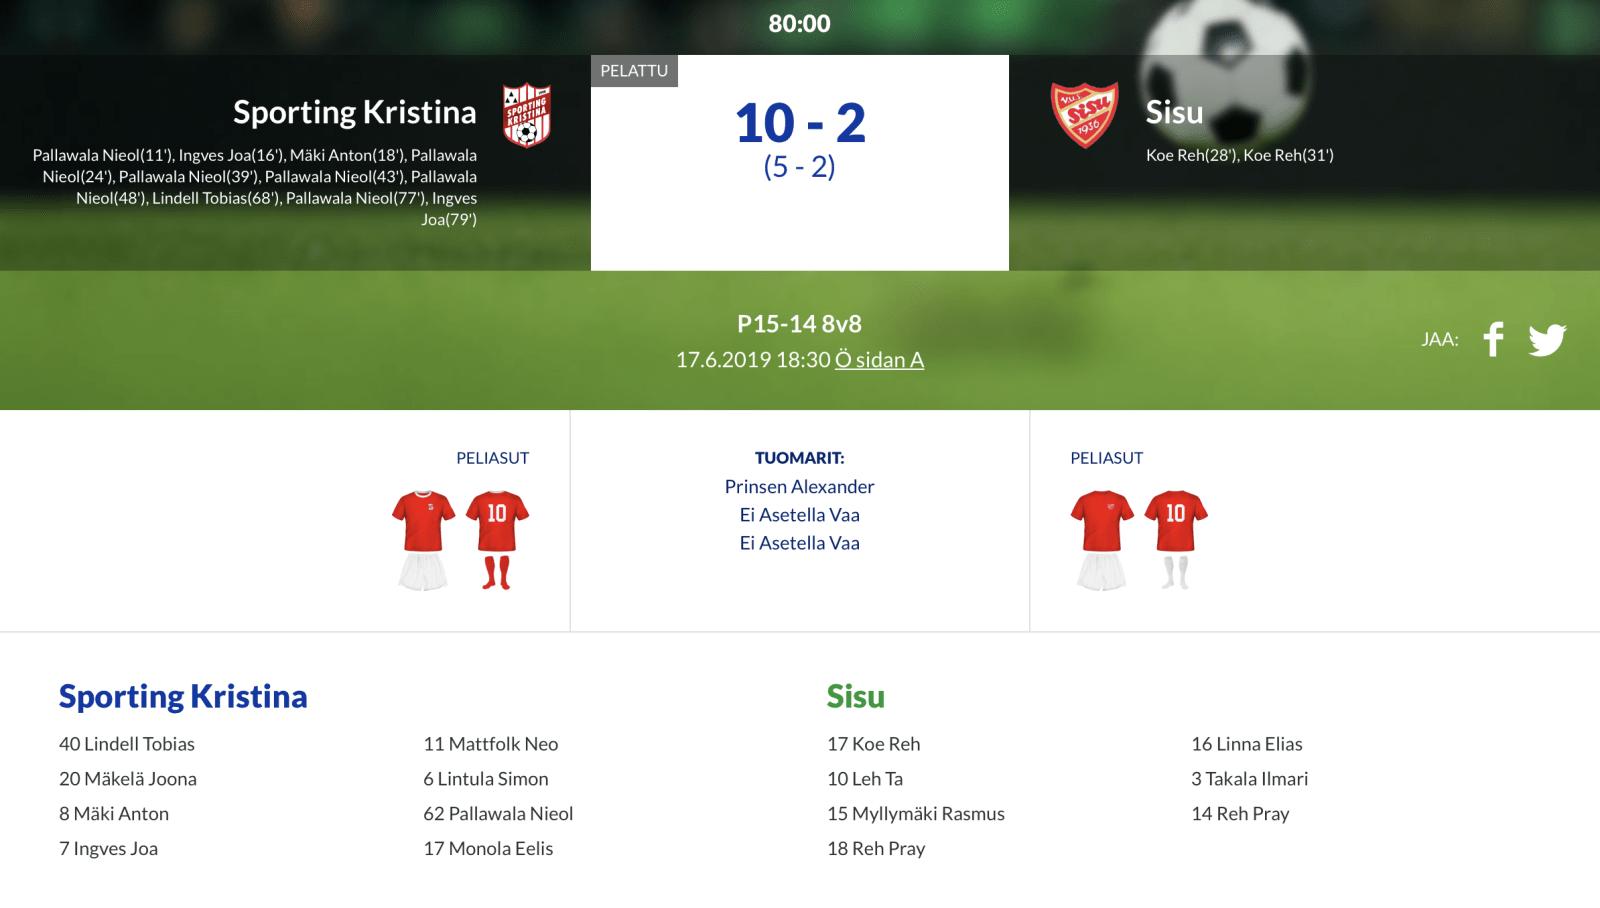 P15 Sporting Kristina – Sisu 10-2 (5-2)